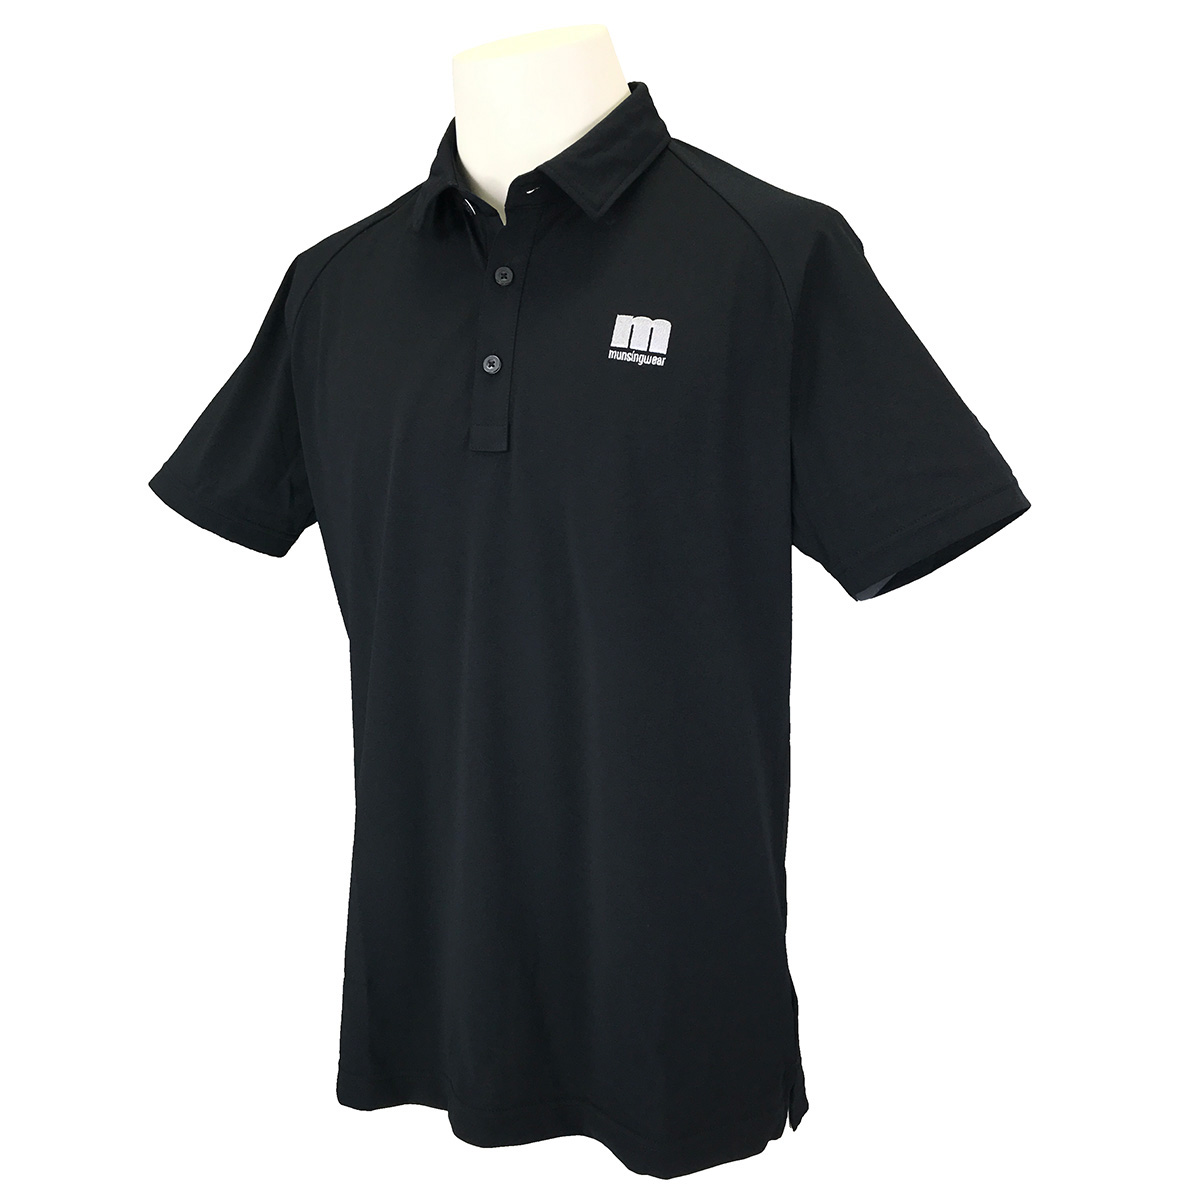 バックロゴENVOYカッティング ストレッチ 半袖ポロシャツ